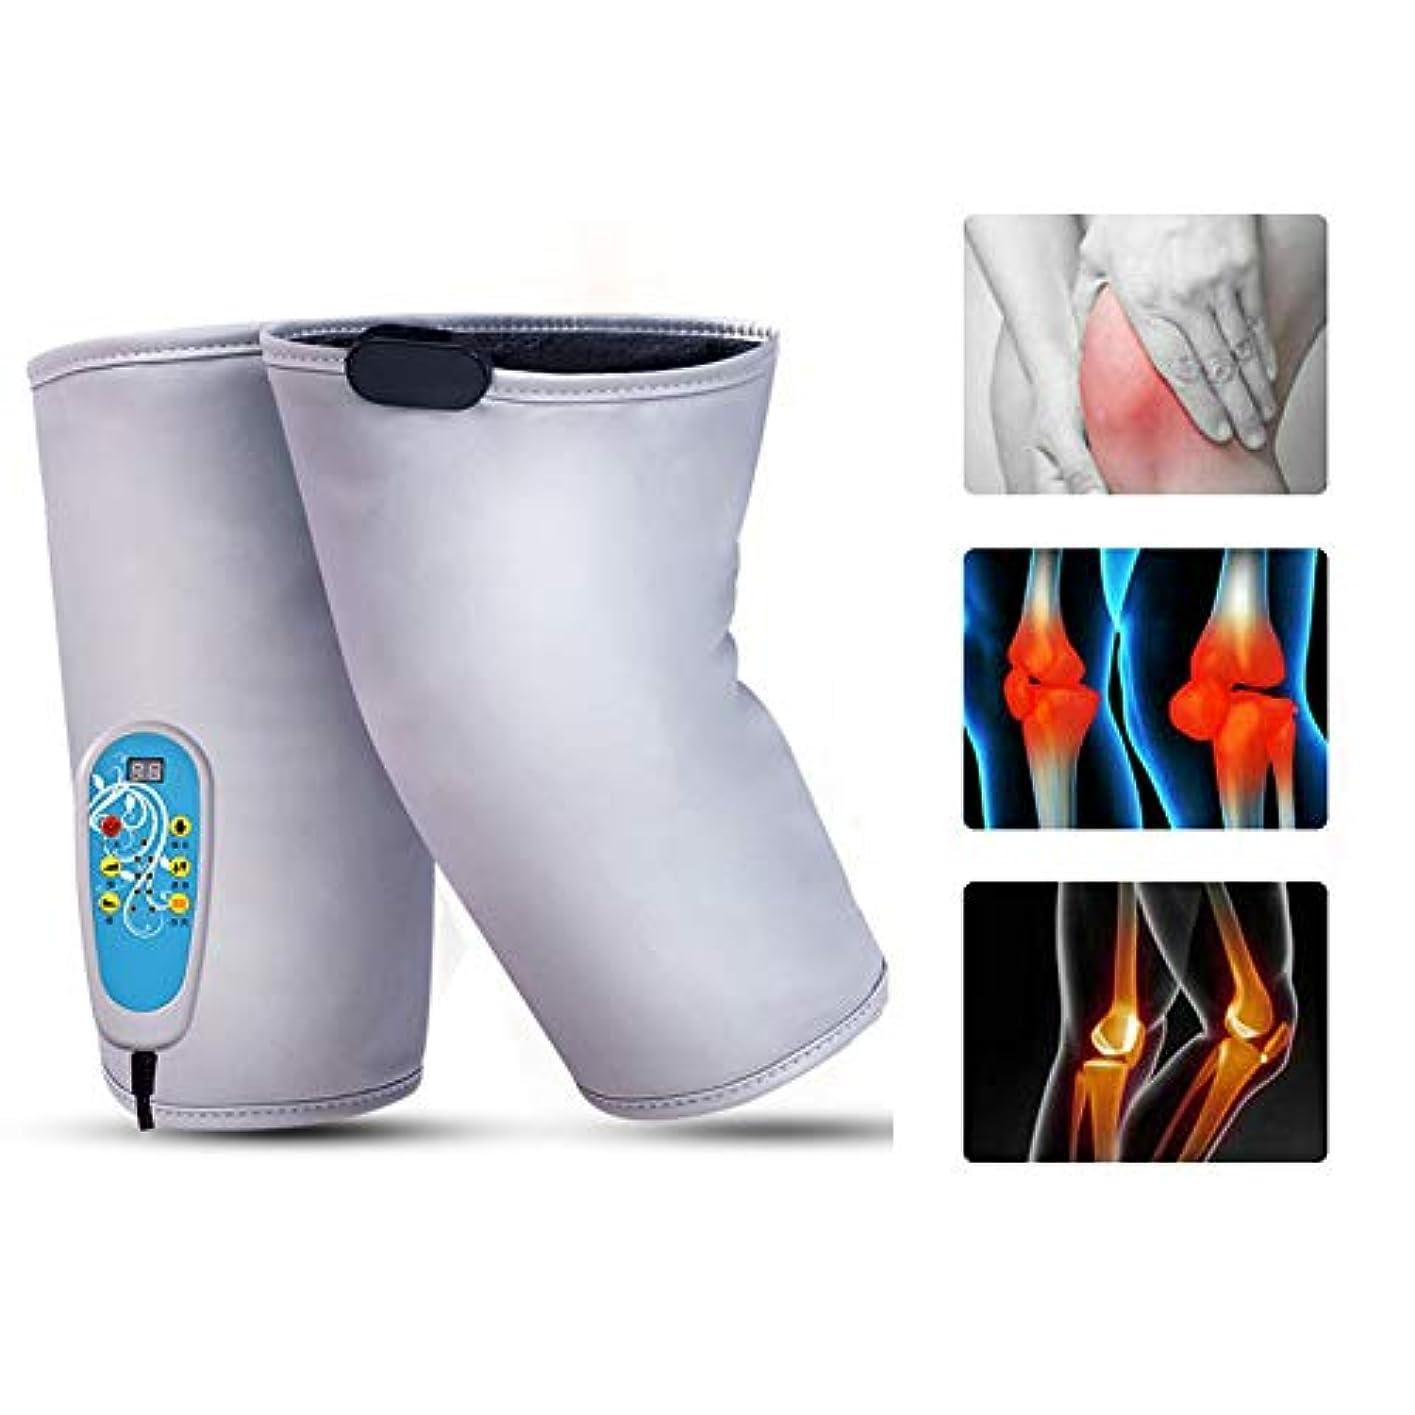 エキスギャラントリー適性暖房膝装具サポート1対加熱膝パッドウォームラップ - 膝のけが、痛みを軽減するための9マッサージモードのセラピーマッサージャー